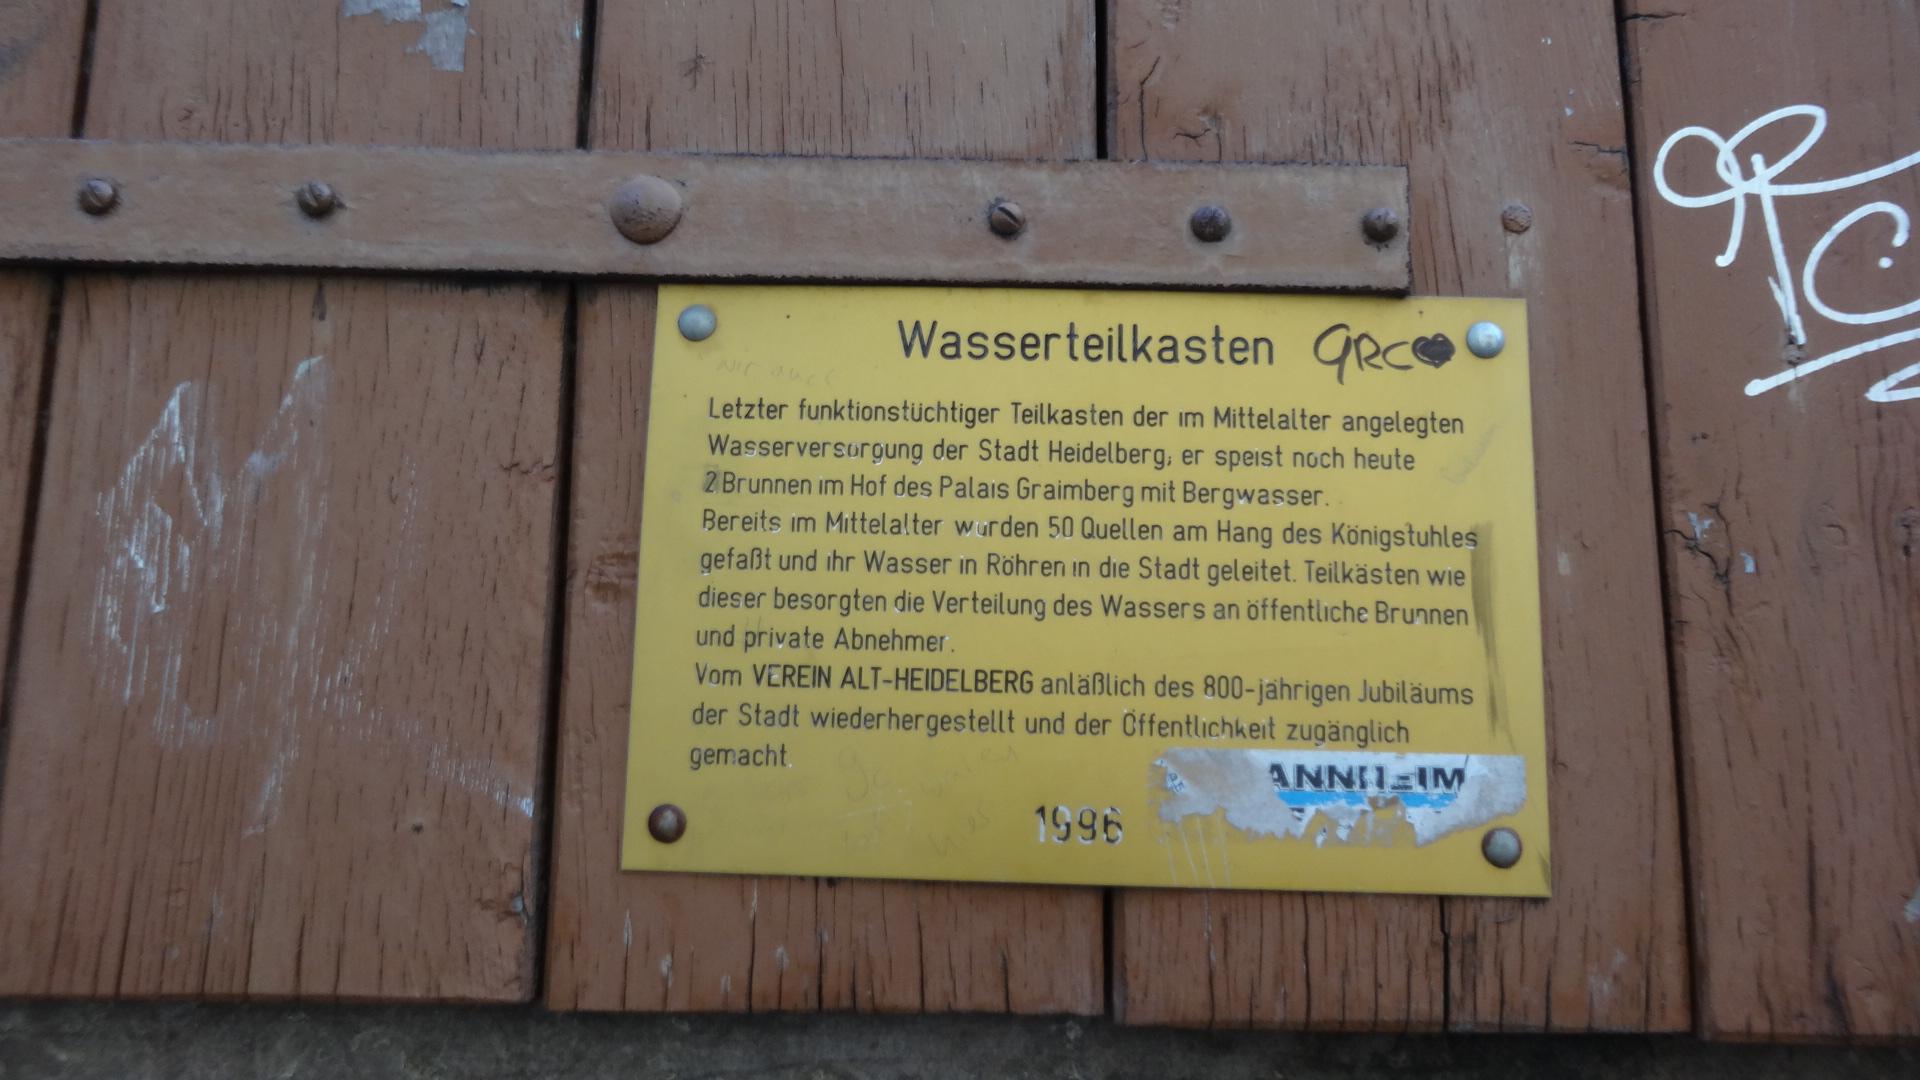 Erklärtafel zum Wasserteilkasten